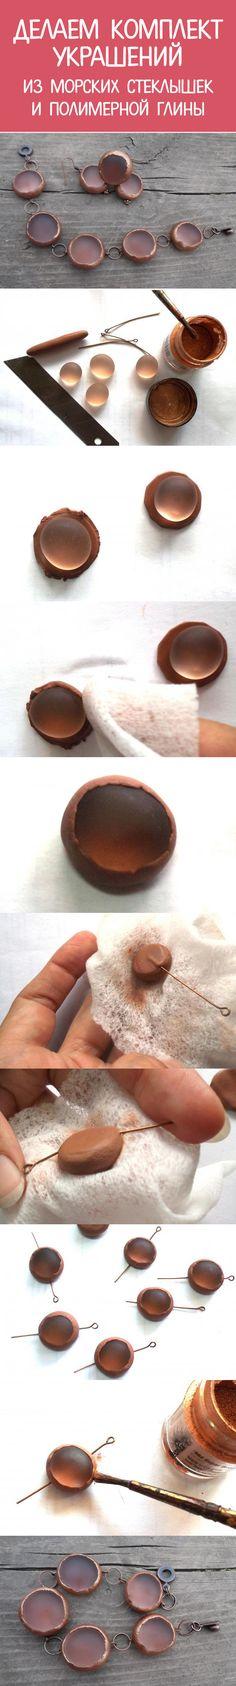 Делаем оригинальный комплект из морских стеклышек и полимерной глины / Polymer clay & seaglass jewelry set tutorial